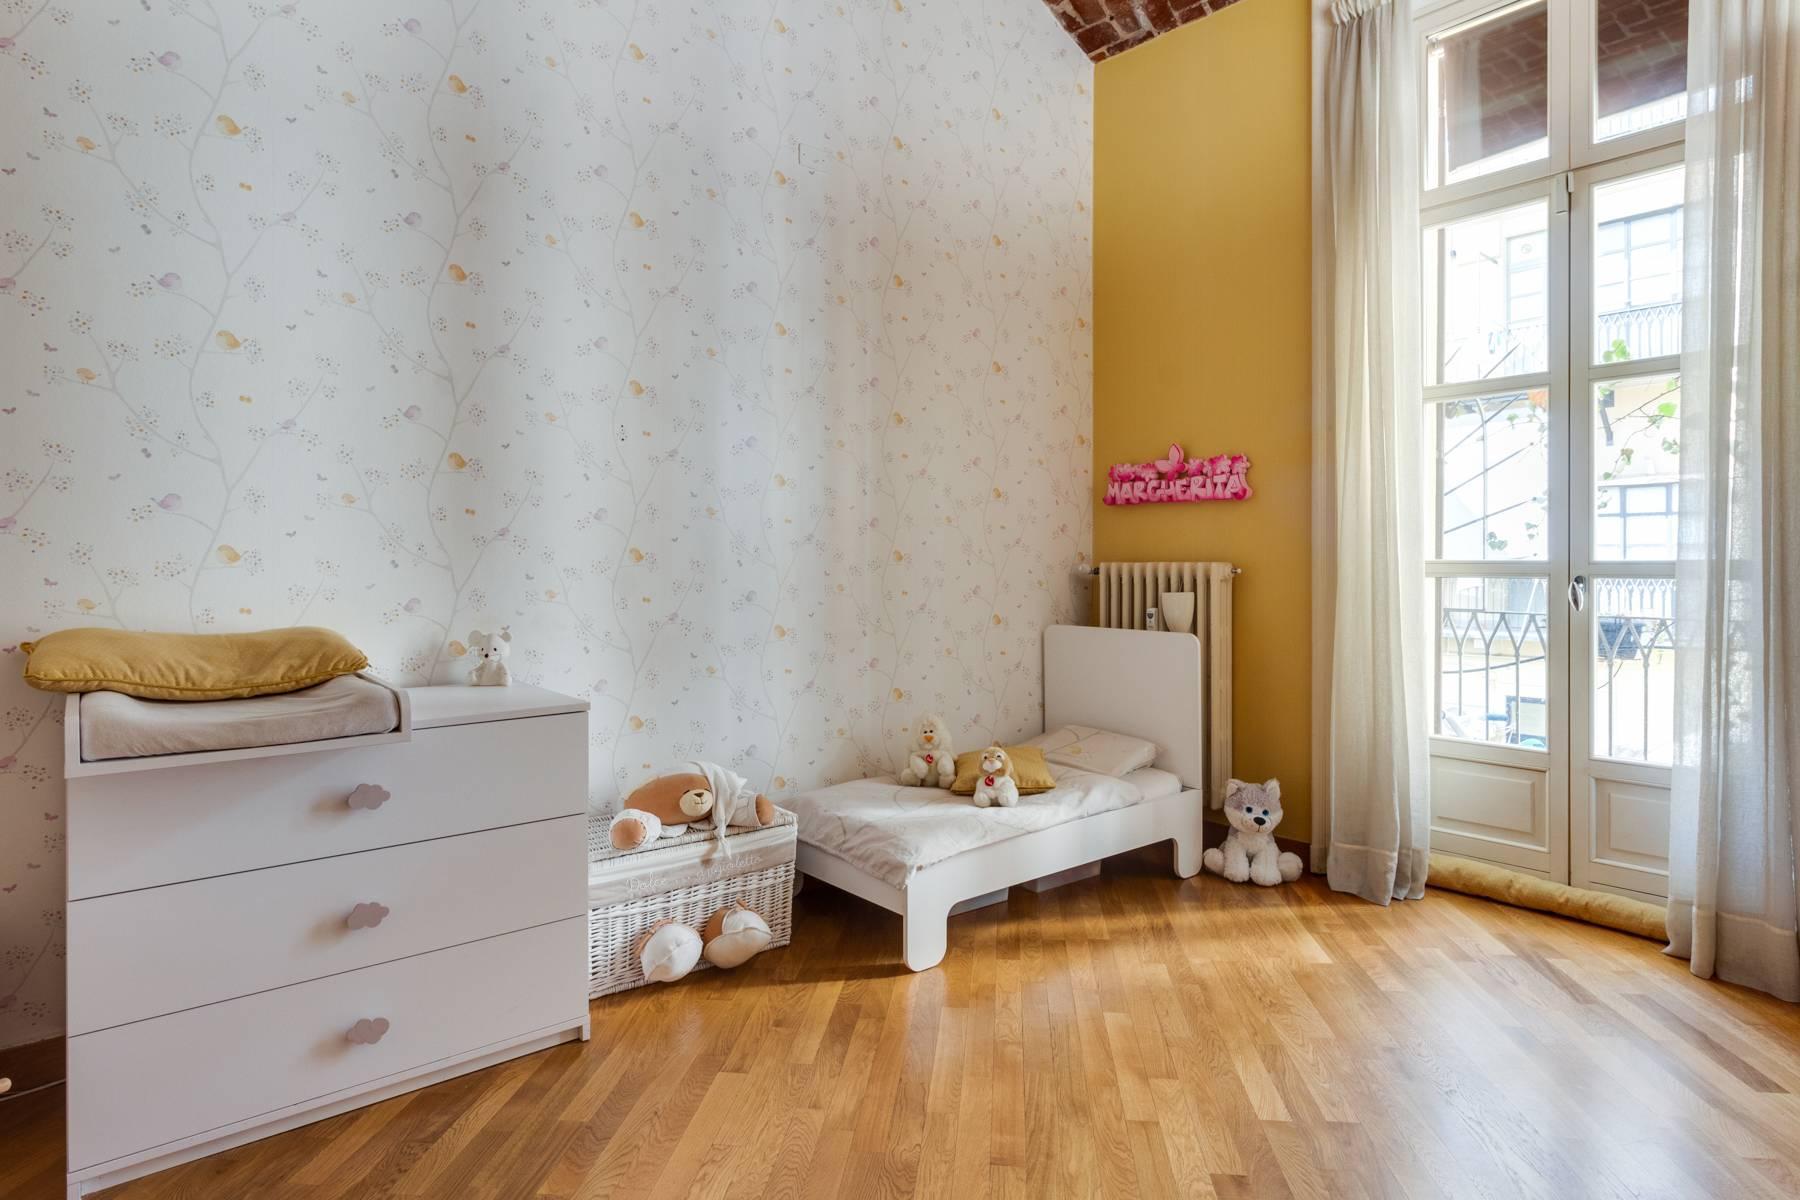 Affascinante appartamento nel cuore del quartiere Cit Turin - 18